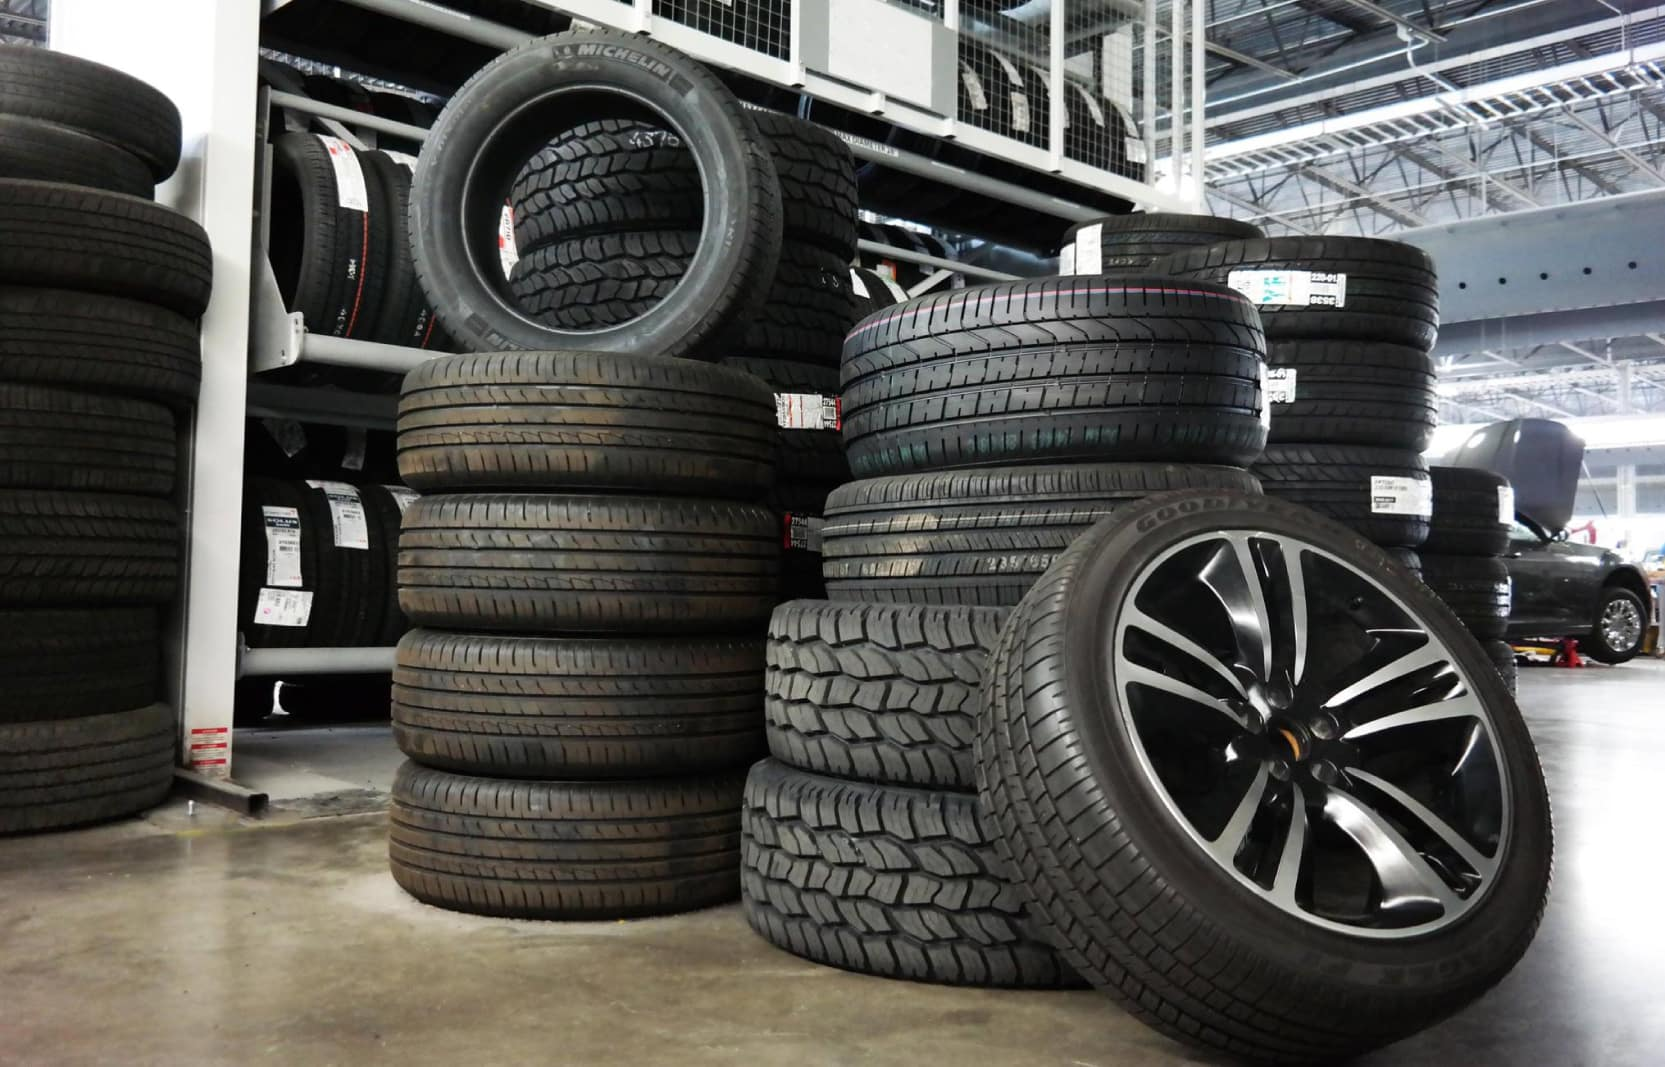 Buy 3 Tires Get The 4th For 1 Bill Luke Chrysler Jeep Dodge Ram